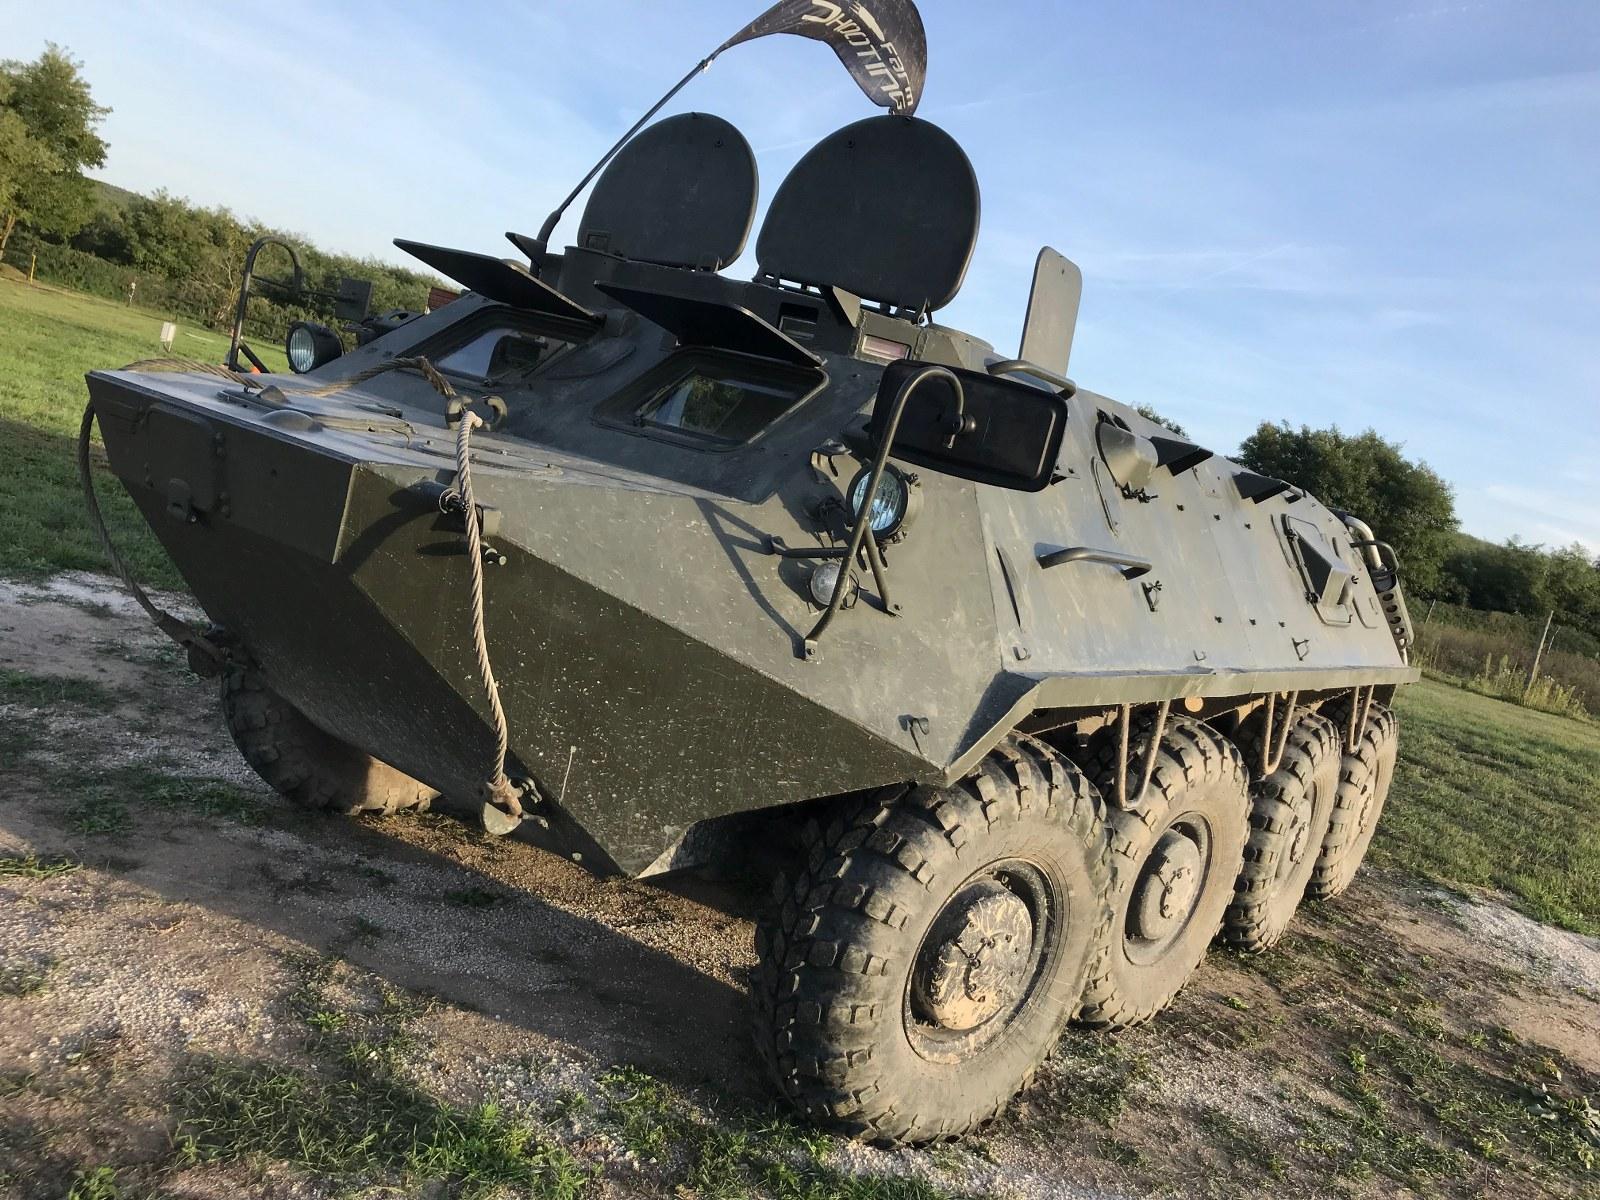 Harckocsizás nyolckerekűcsapatszállító járművel